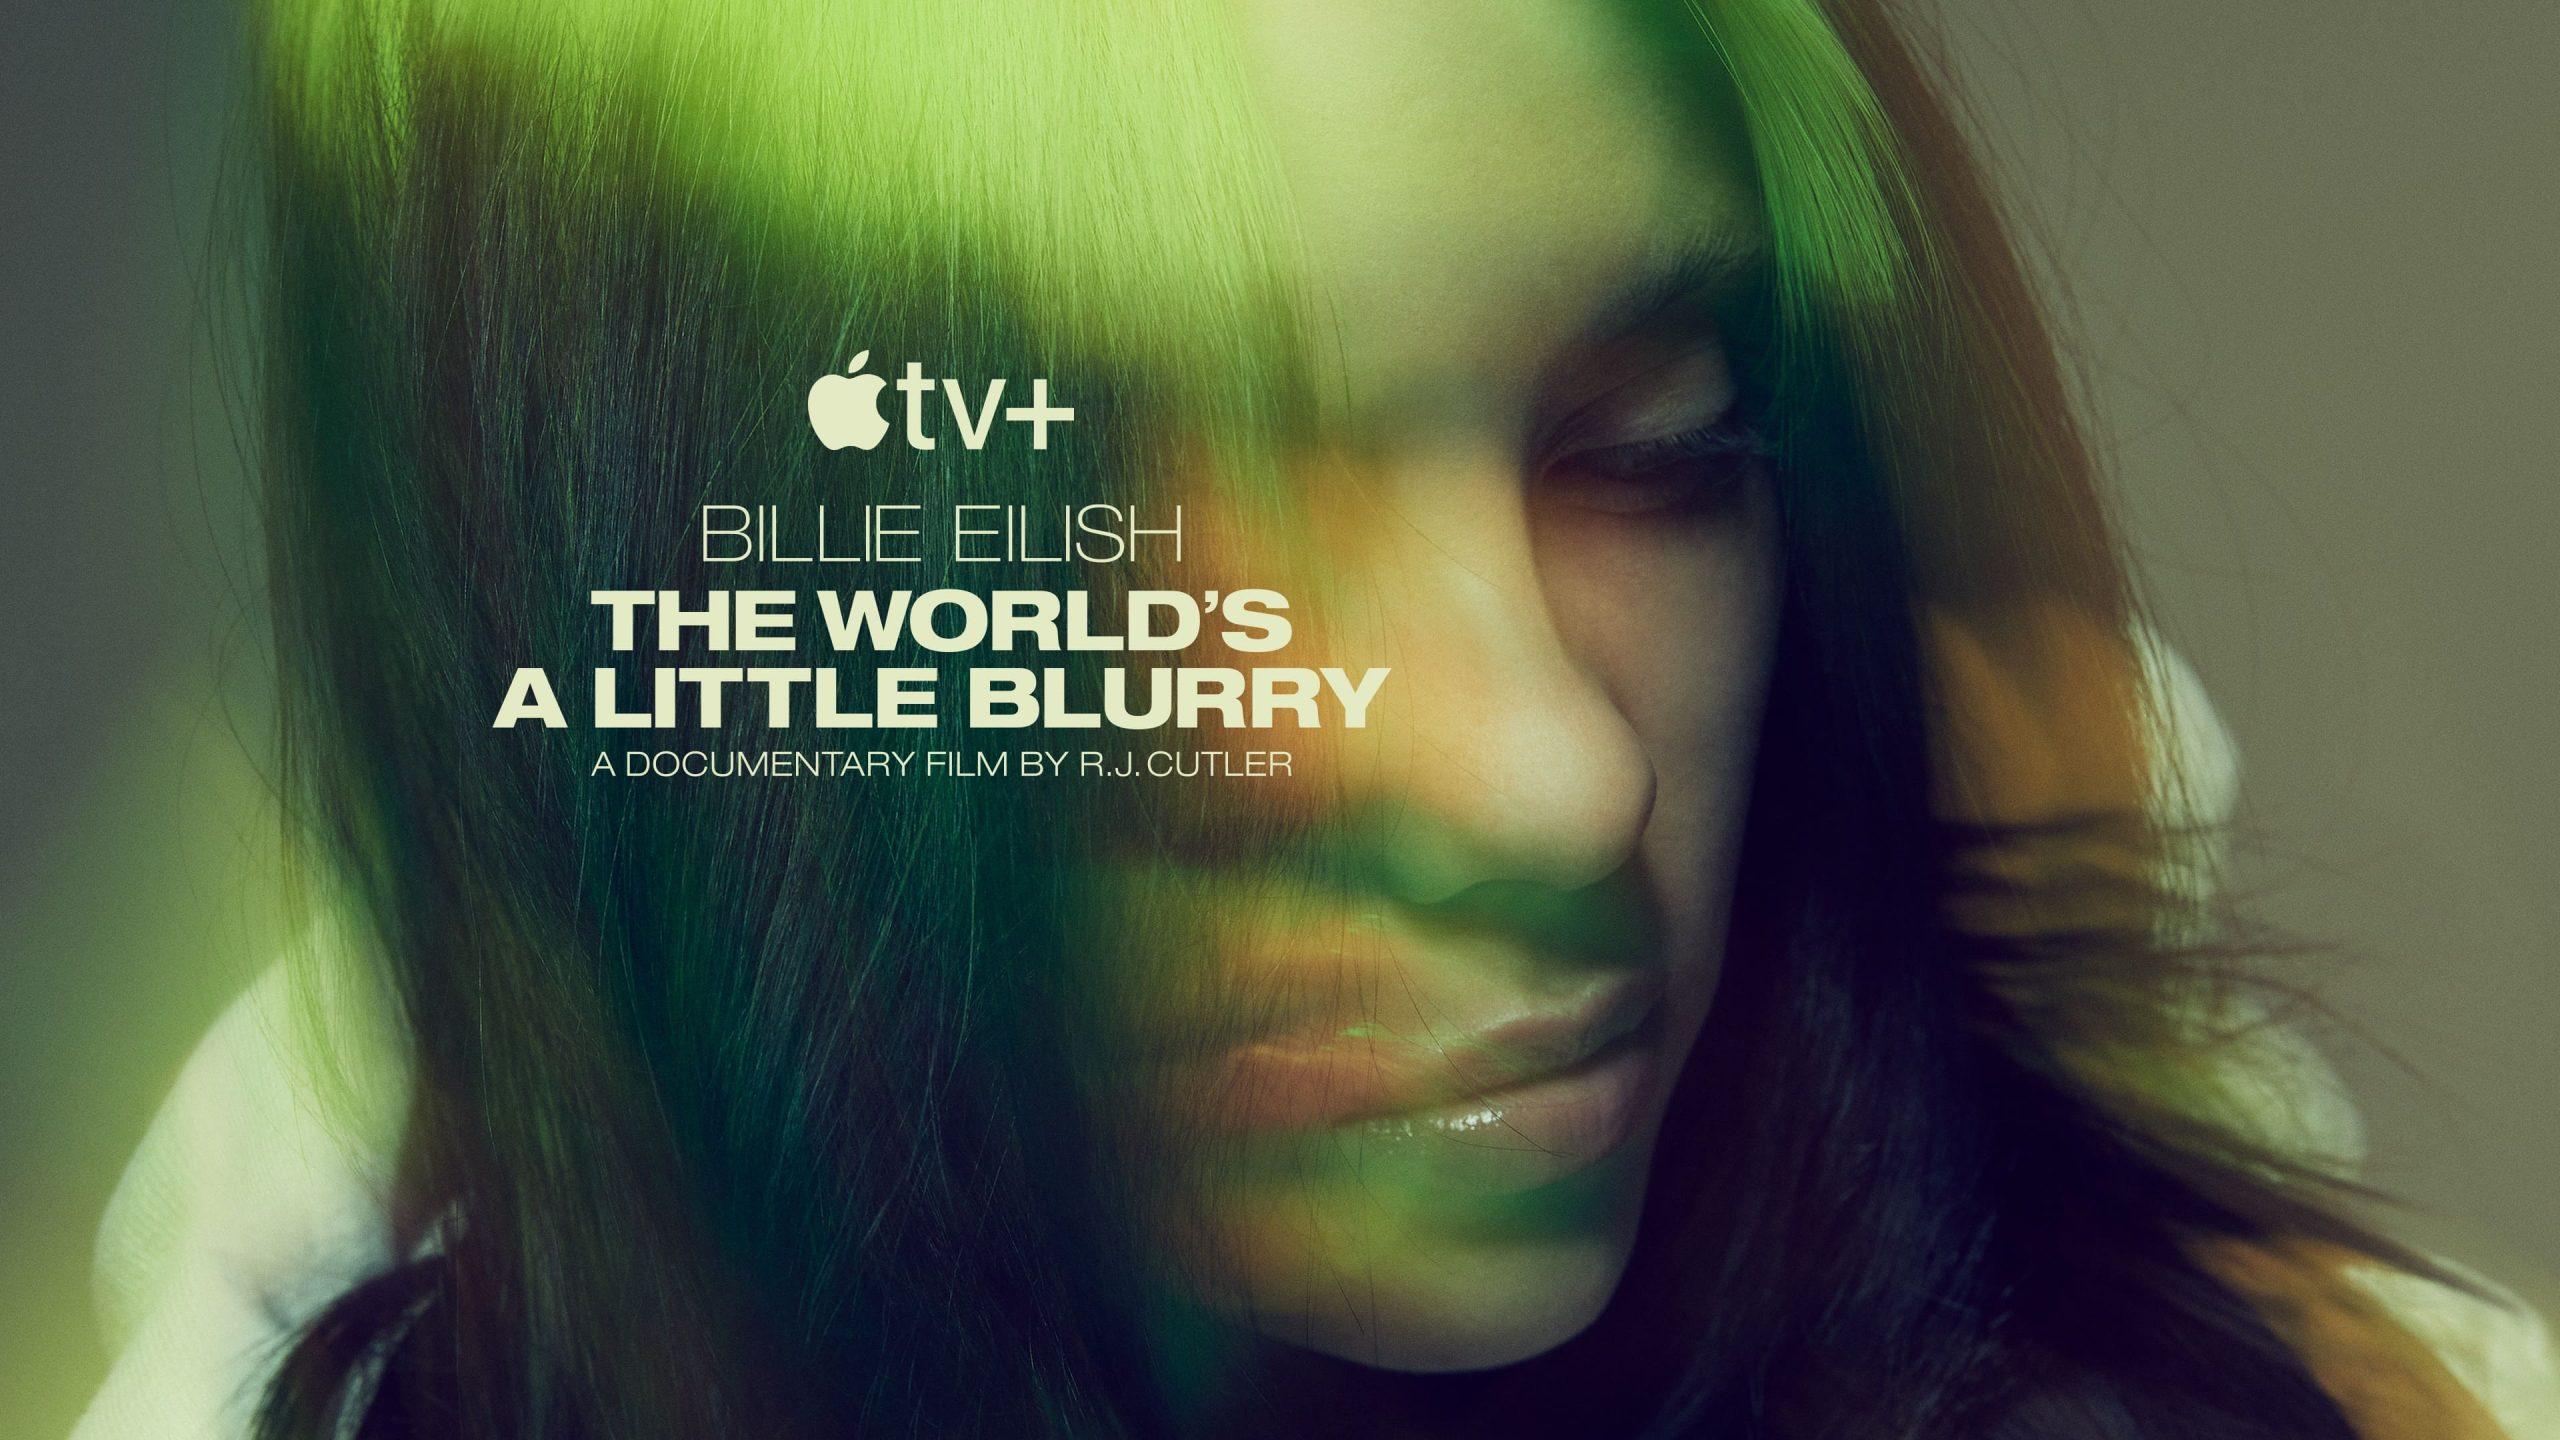 """ללא פילטרים /// מחשבות על סרט הדוקו החדש על בילי אייליש – """"The World's a Little Blurry"""""""